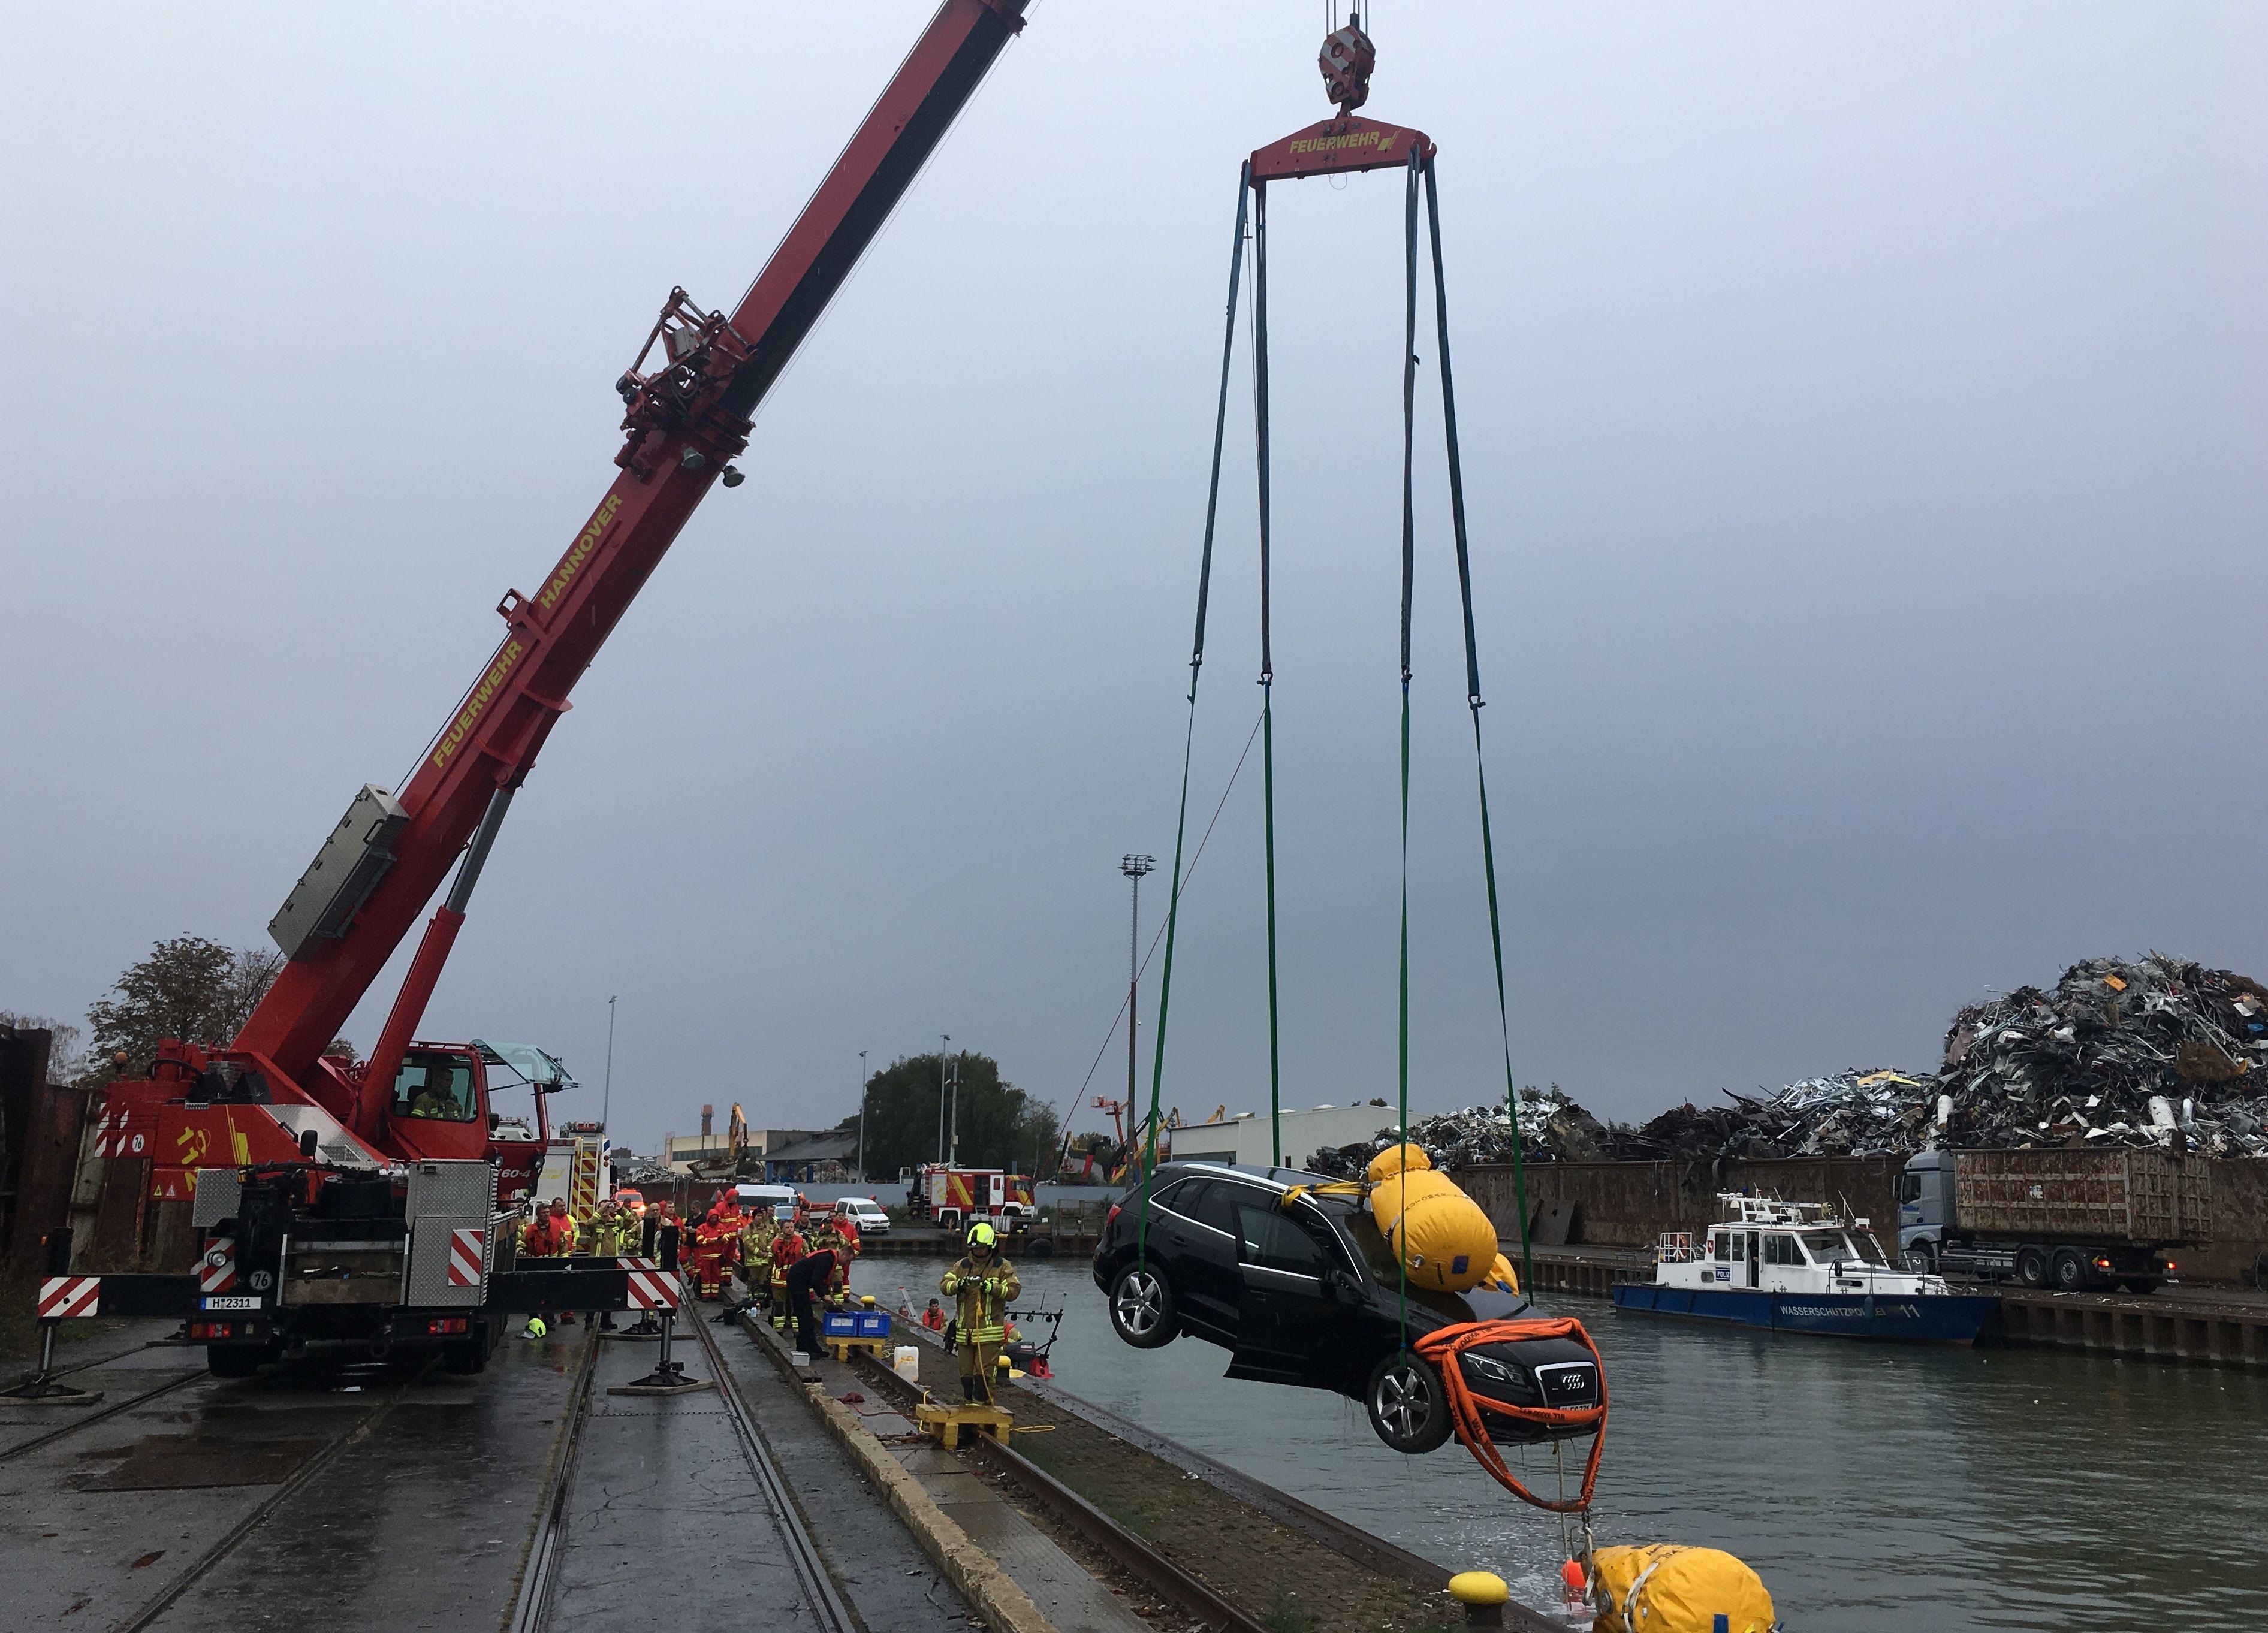 Ein Feuerwehrkran hievte den Wagen aus dem Wasser und setzte ihn an Land